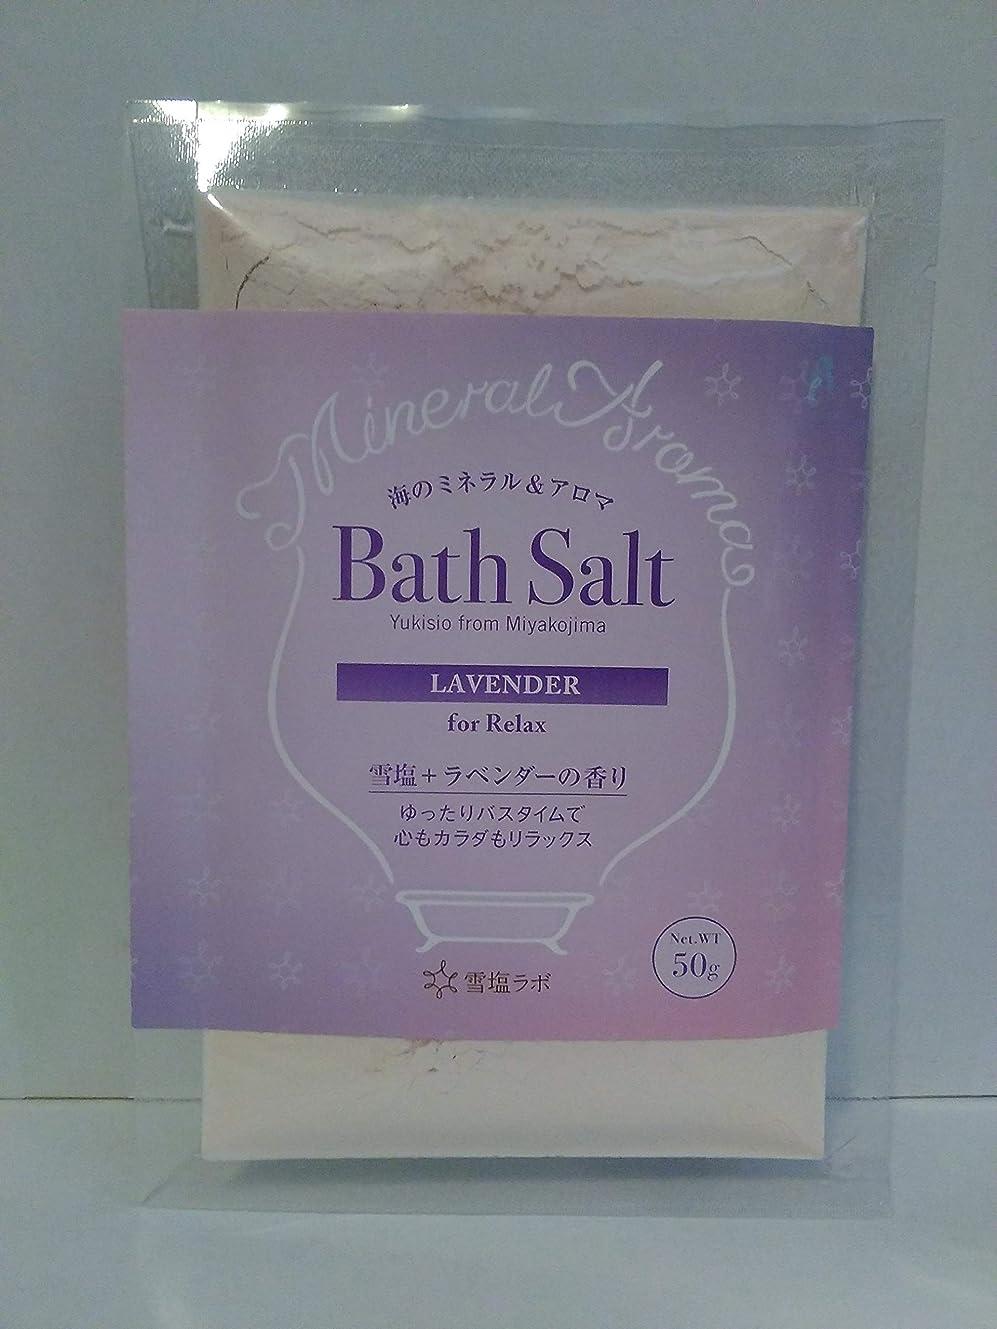 ピラミッドマーチャンダイザー卒業海のミネラル&アロマ Bath Salt 雪塩+ラベンダーの香り